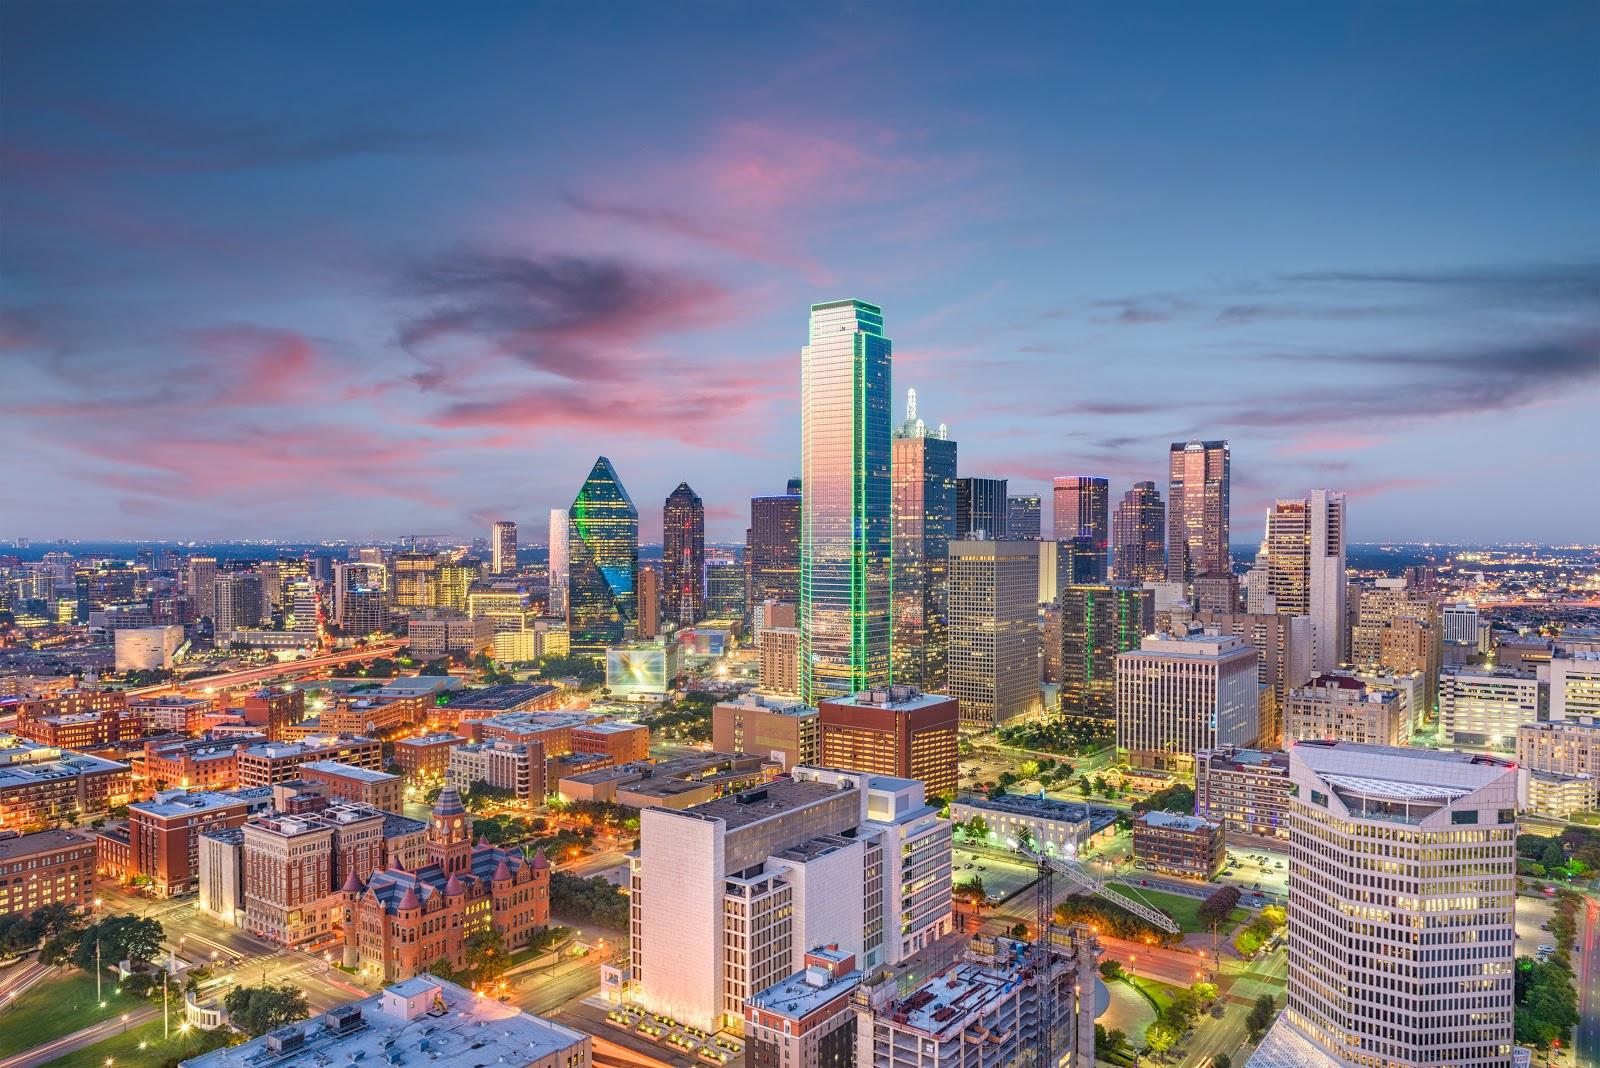 Texas Home Depot Shooting: Dallas Police